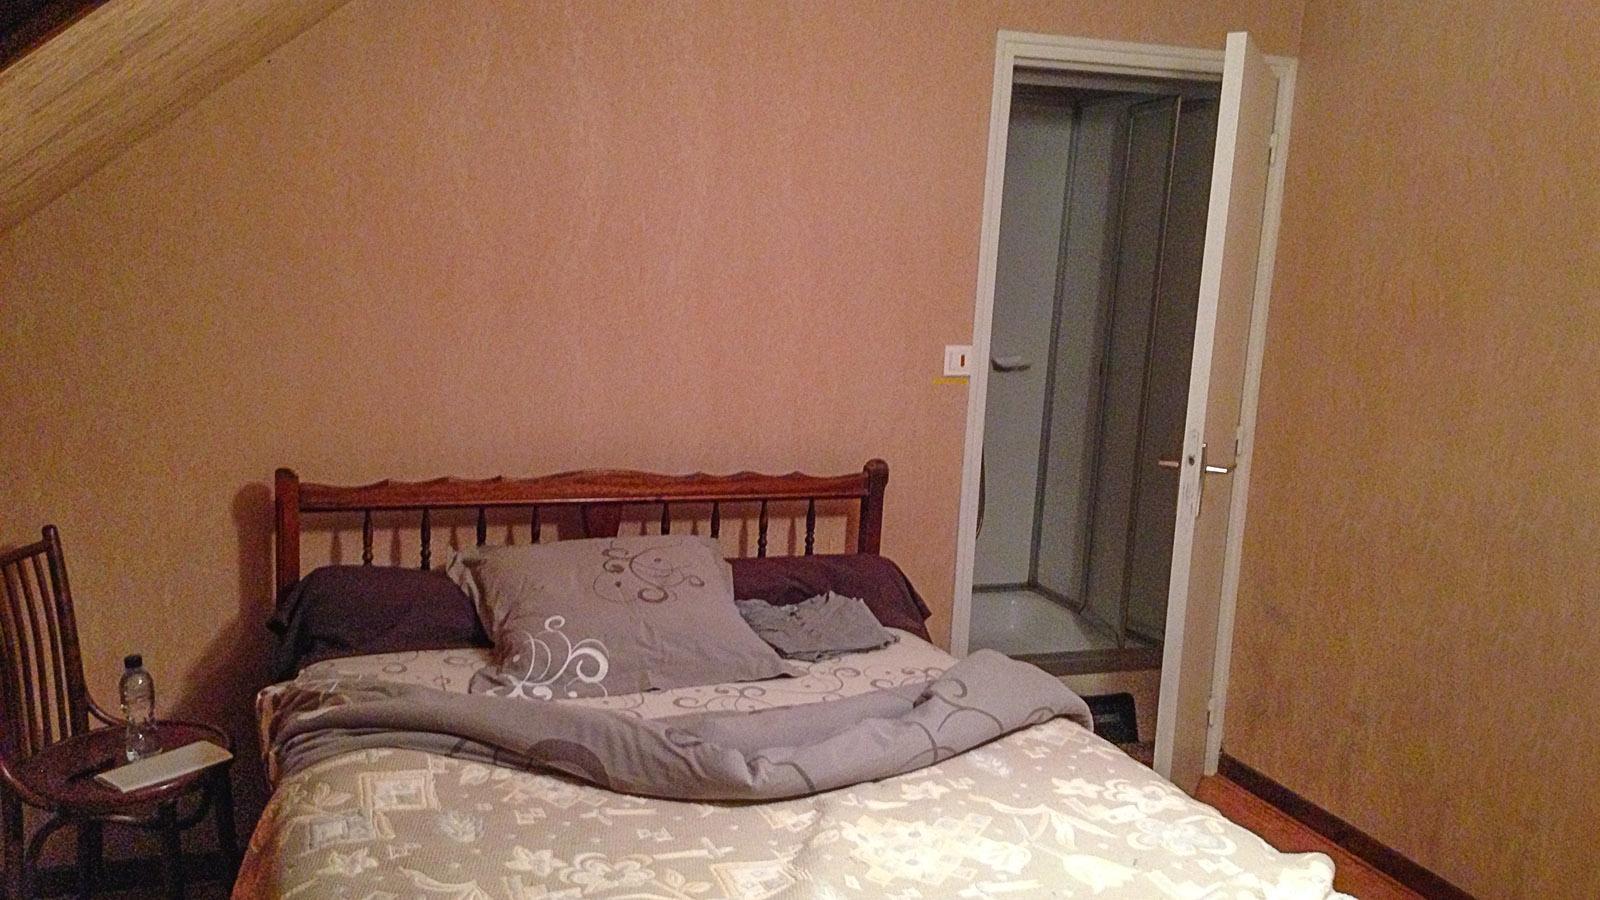 Unter Fernfahrern. Die Dusche neben dem Kopfkissen im Wandschrank: Zimmer 5 des Café Legris in Tincques. Foto: Hilke Maunder